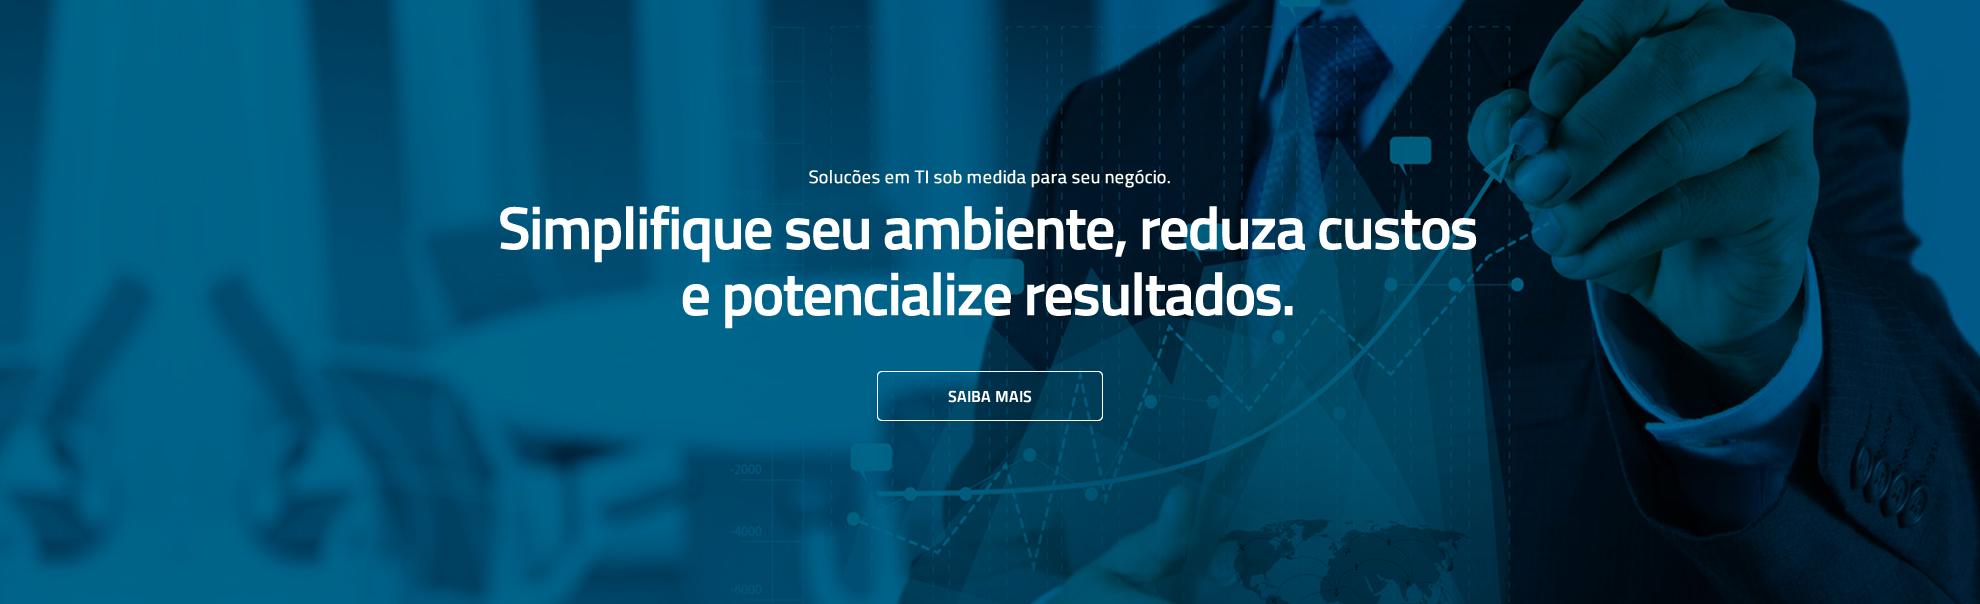 https://3solutions.com.br/destaque/destaque/